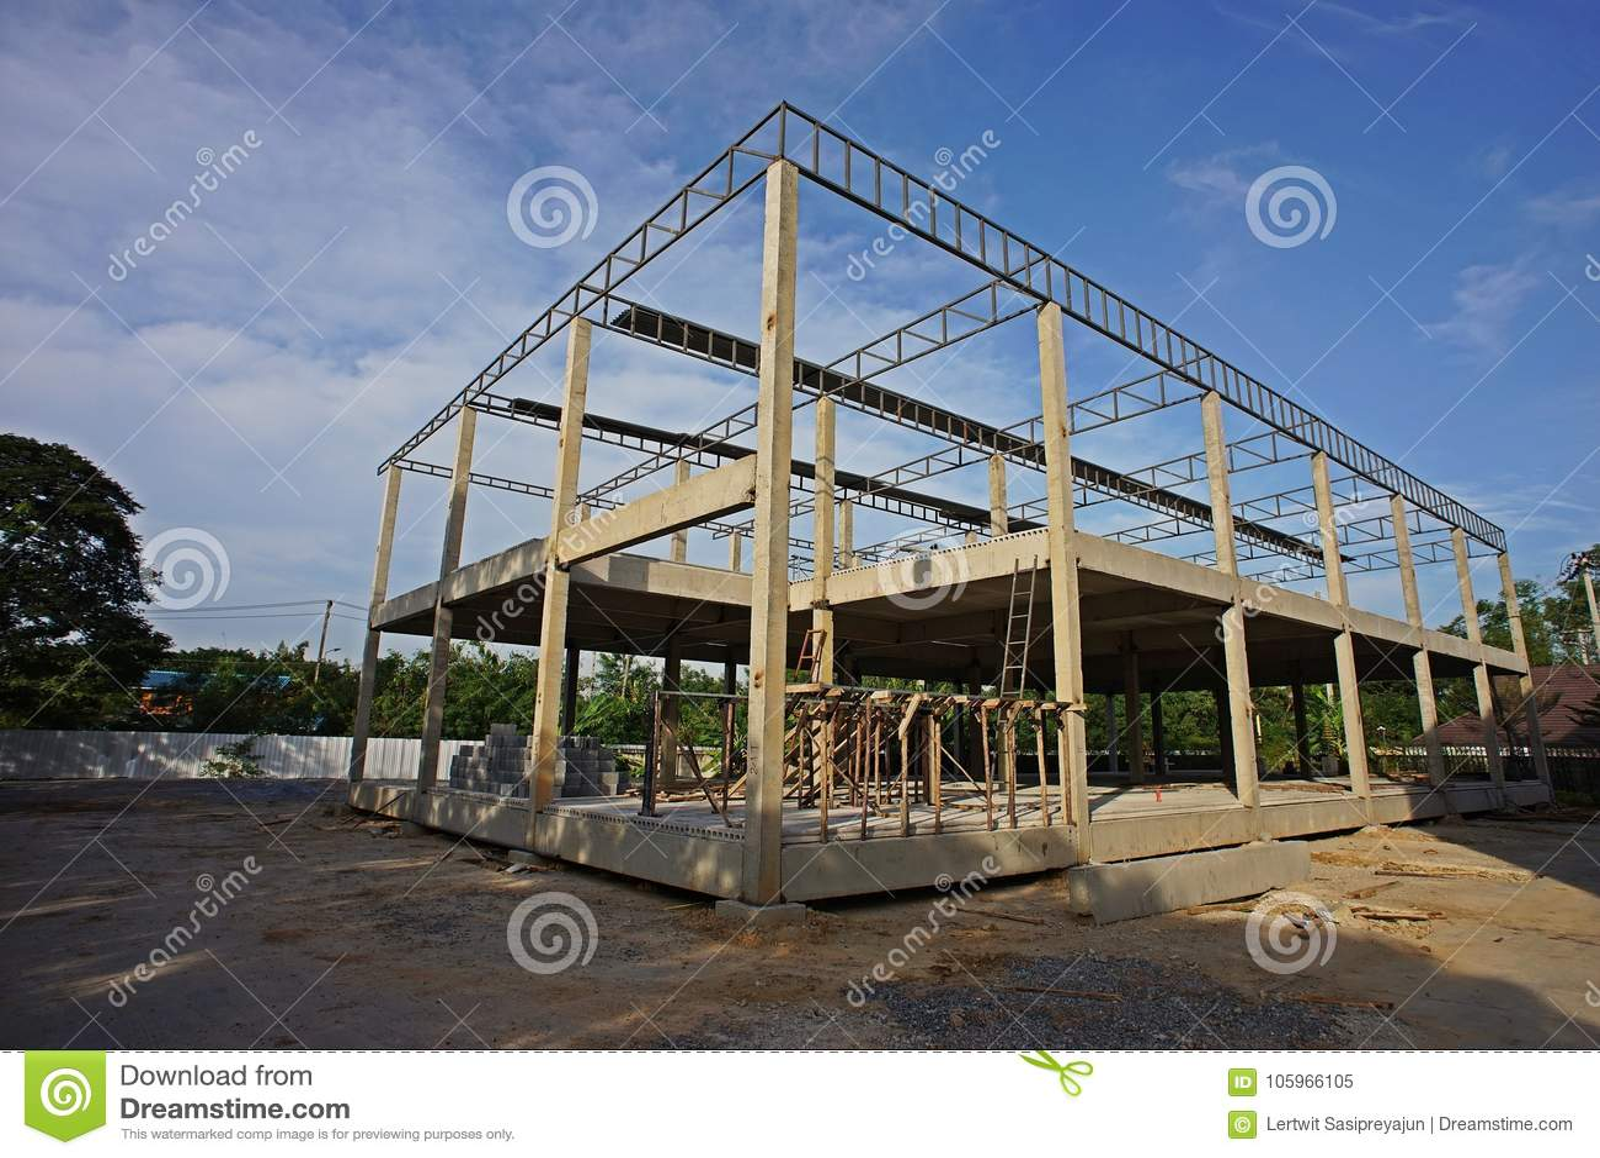 Construcción De Edificios De Dos Pisos Imagen de archivo - Imagen de ...